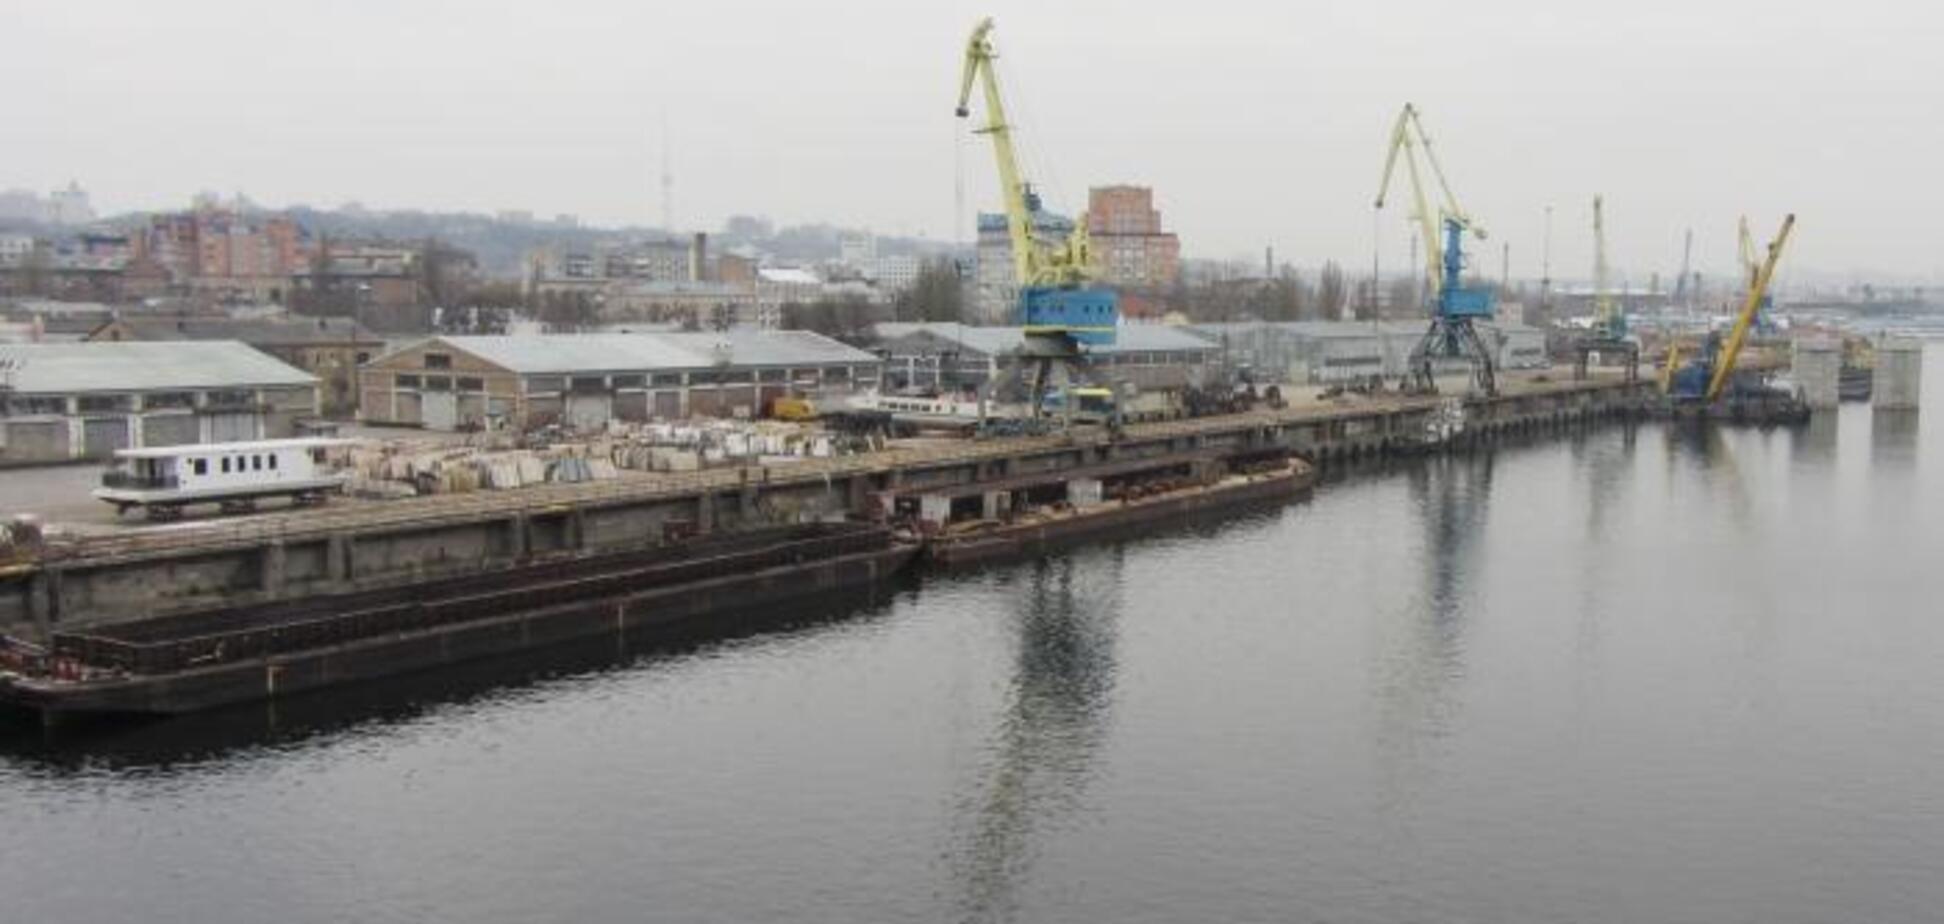 Митні служби в Київському річковому порту перейшли на цілодобовий режим роботи